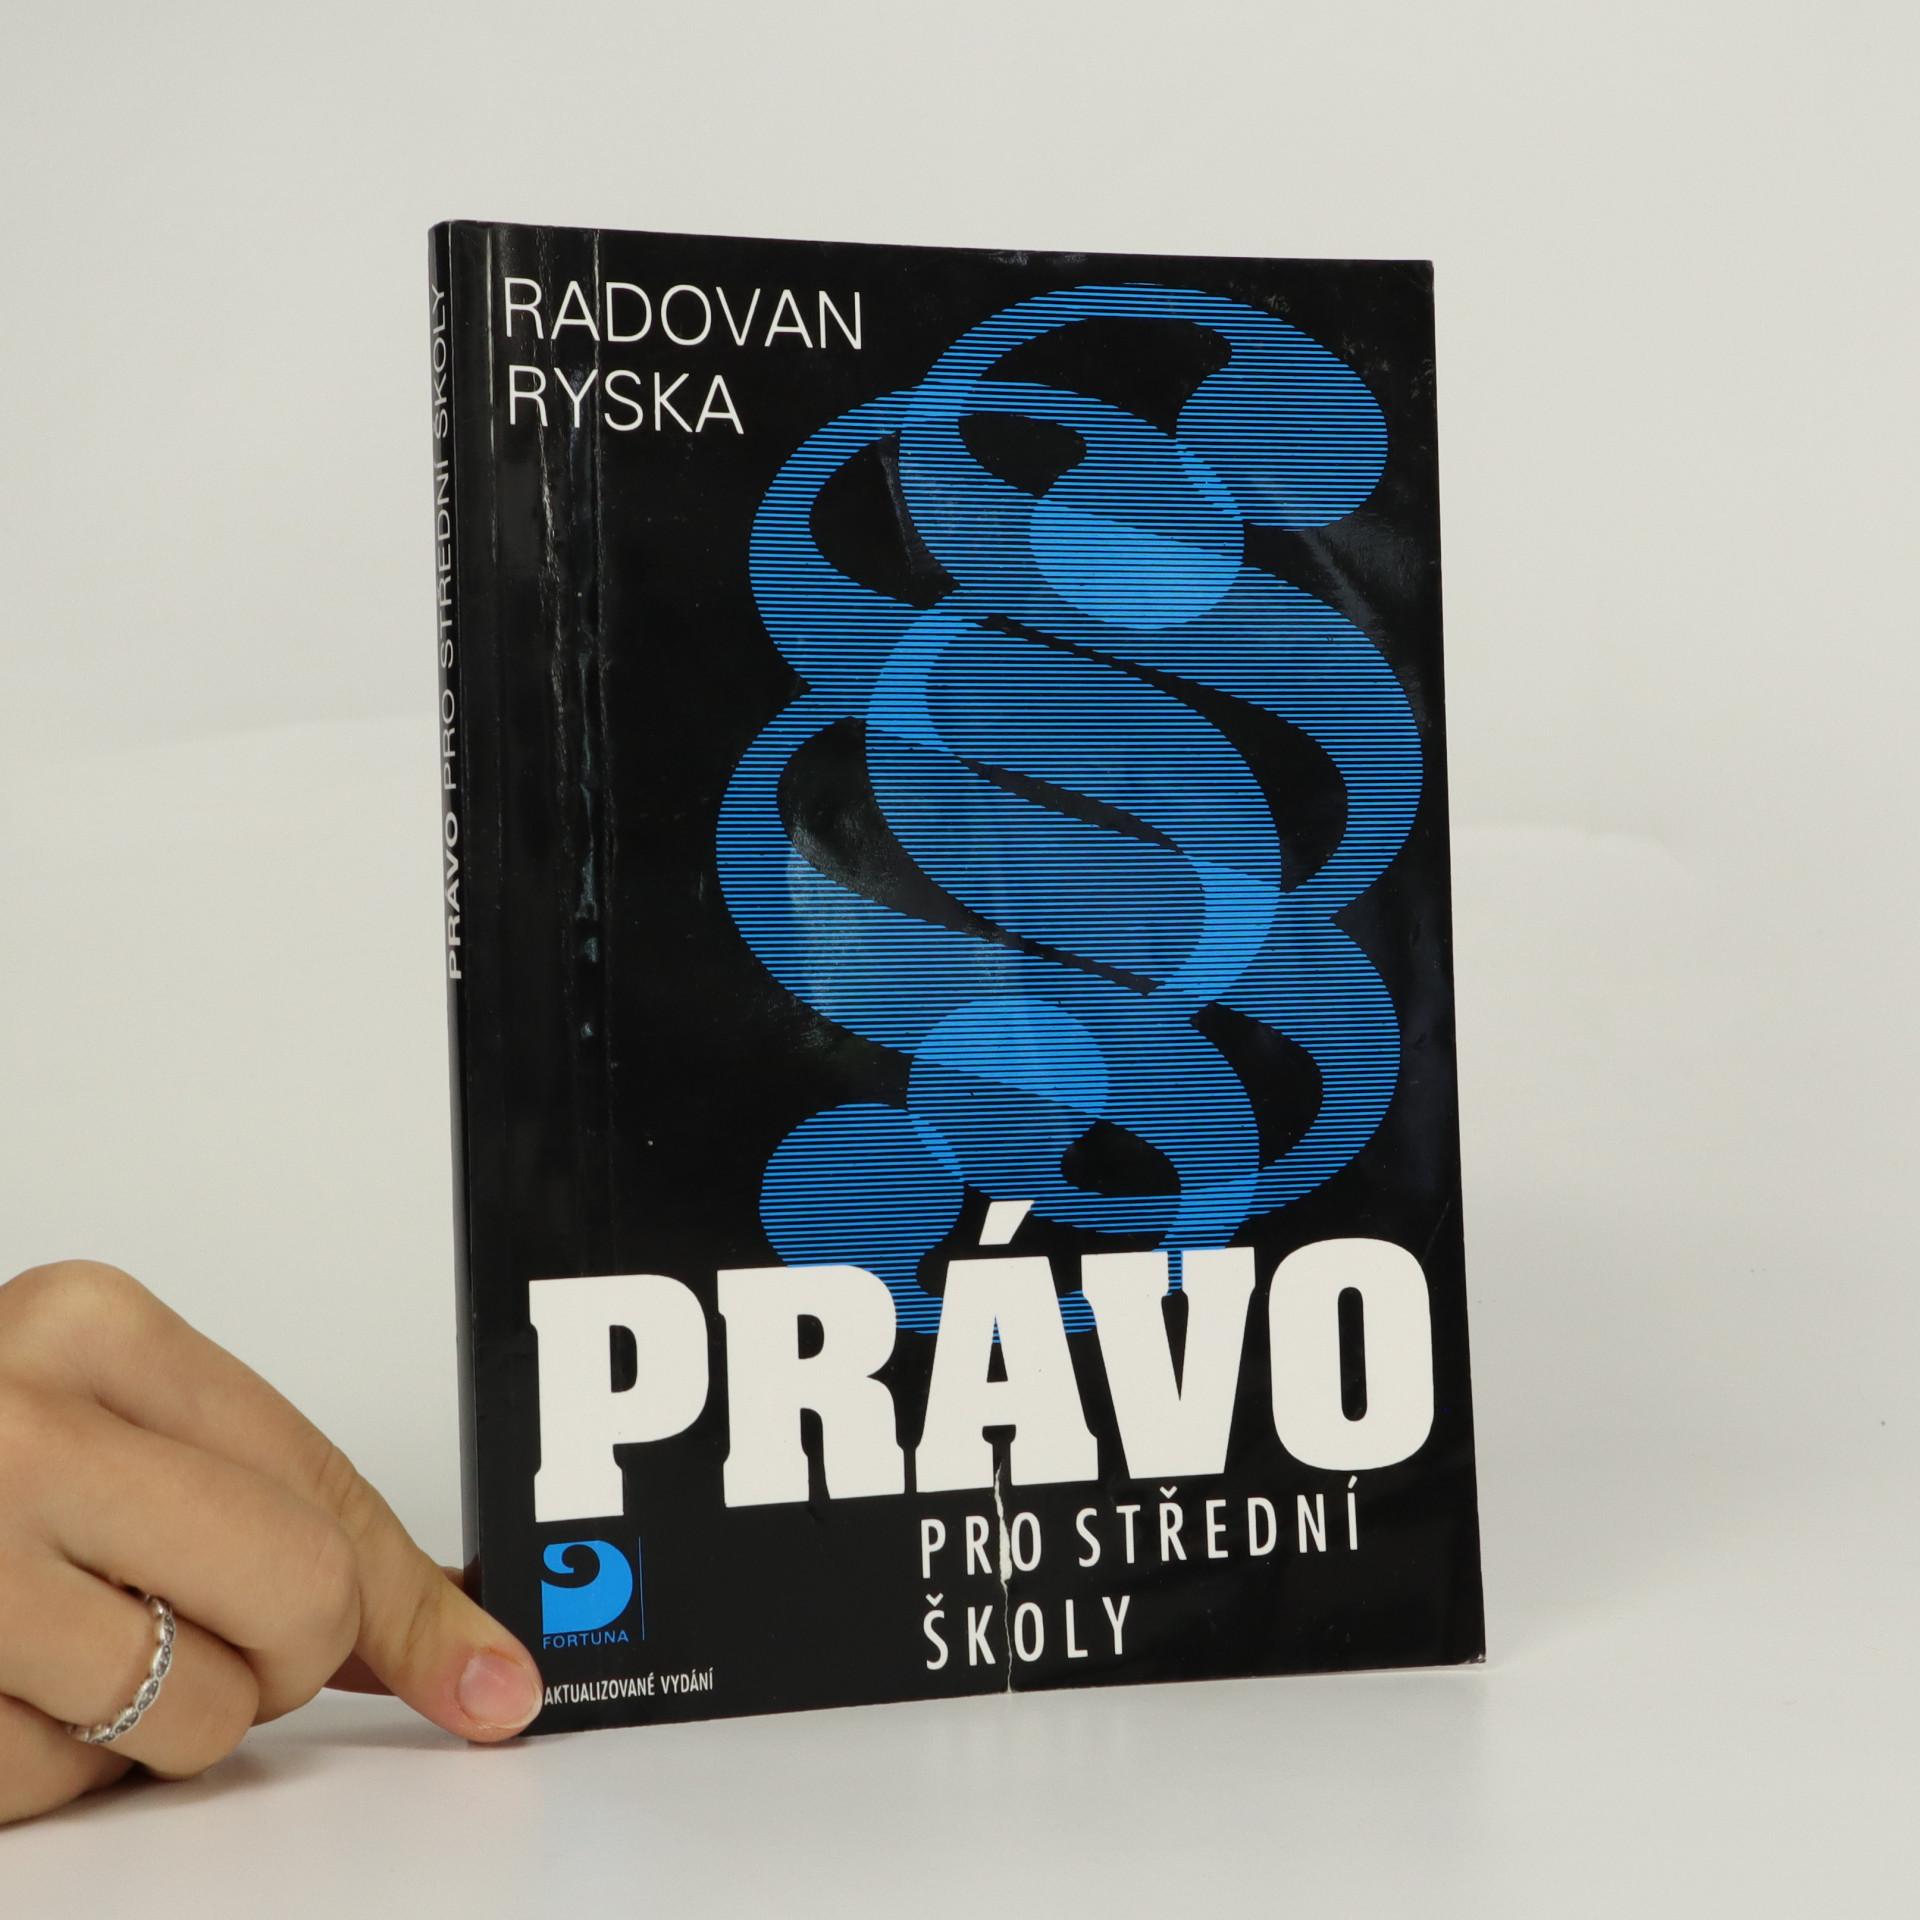 antikvární kniha Právo pro střední školy, 2010